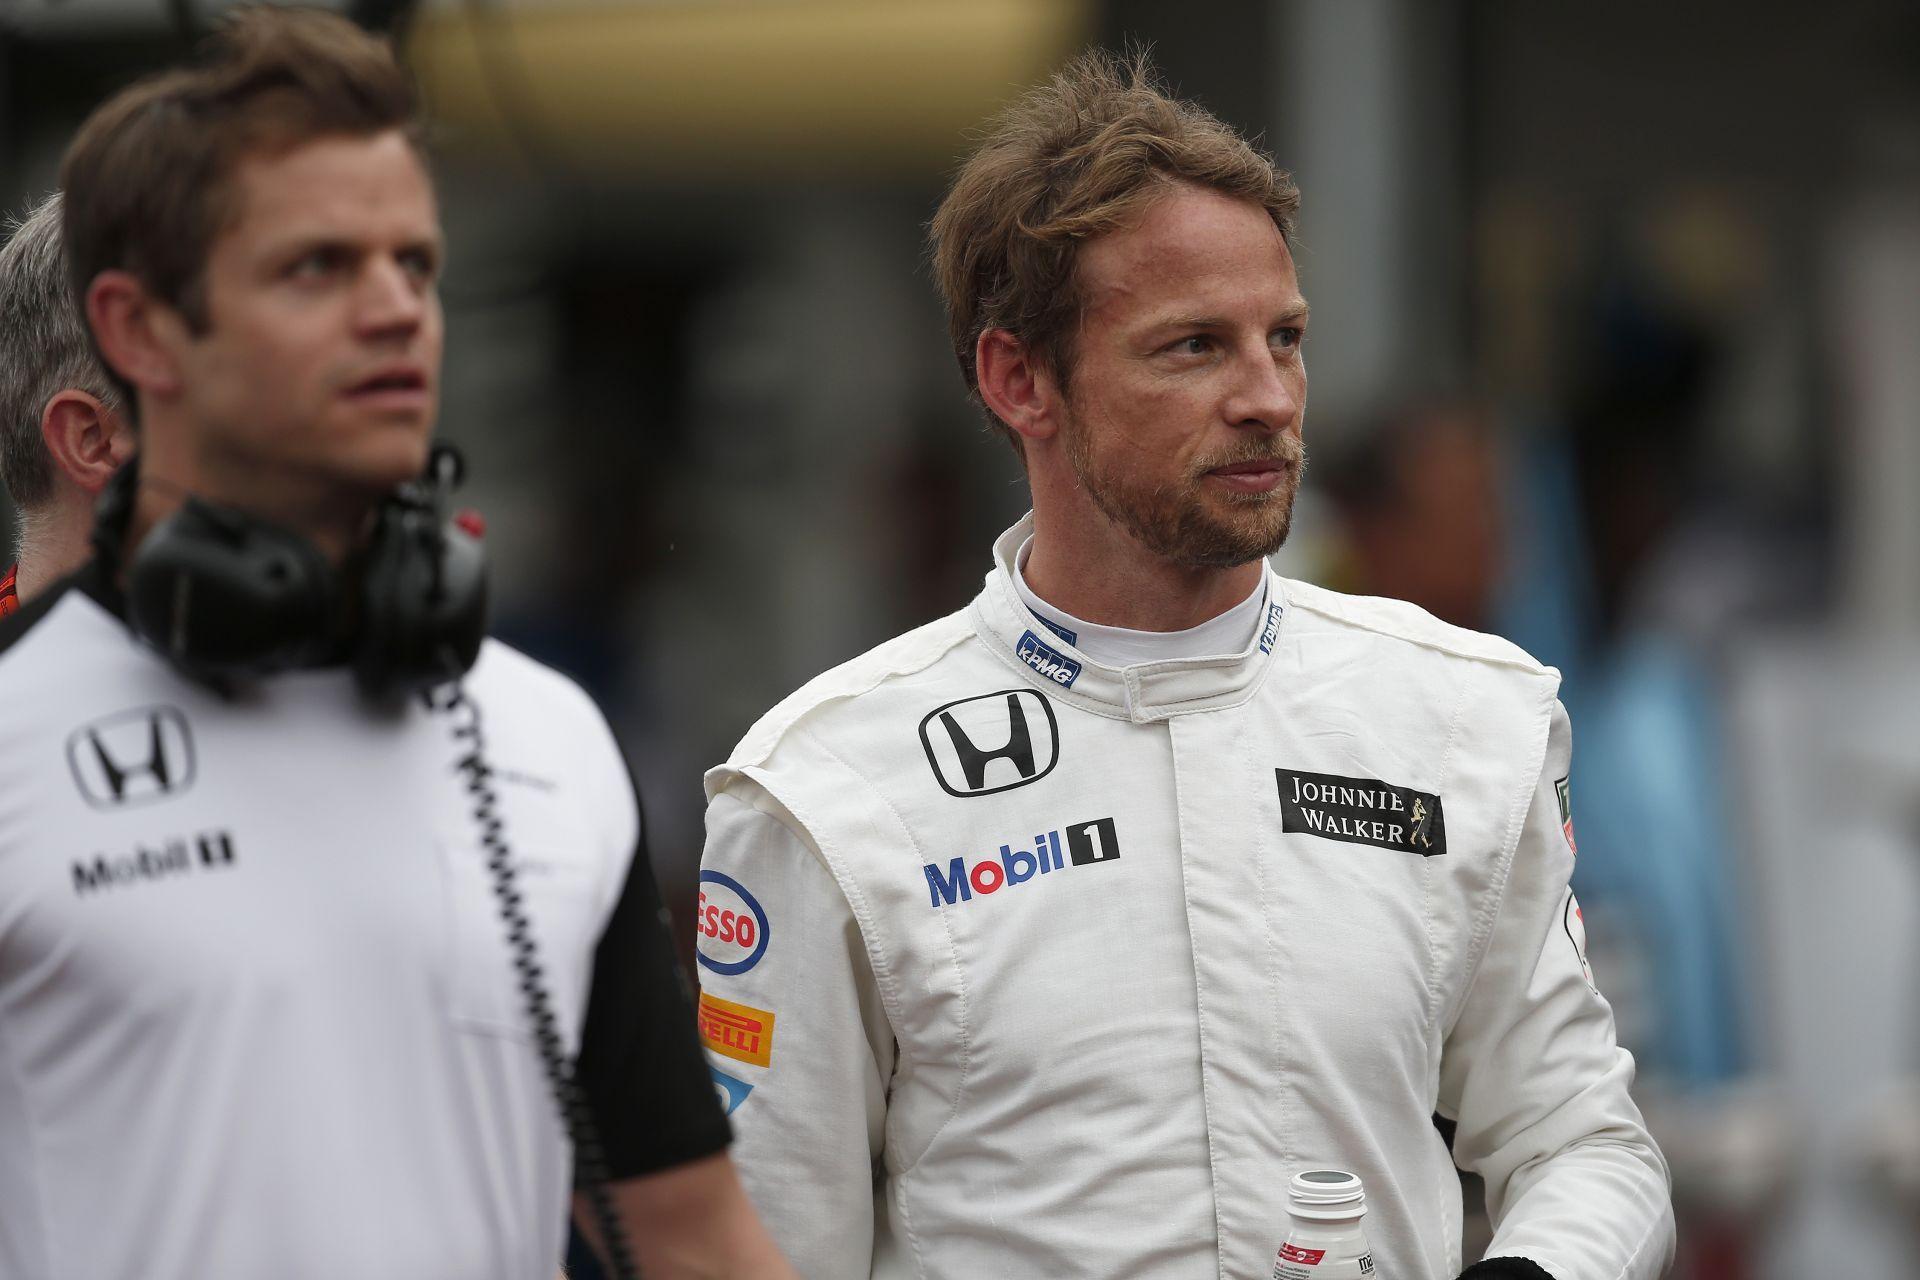 Button szerint a McLaren-Hondának nem lesz könnyű pontot szereznie Kanadában